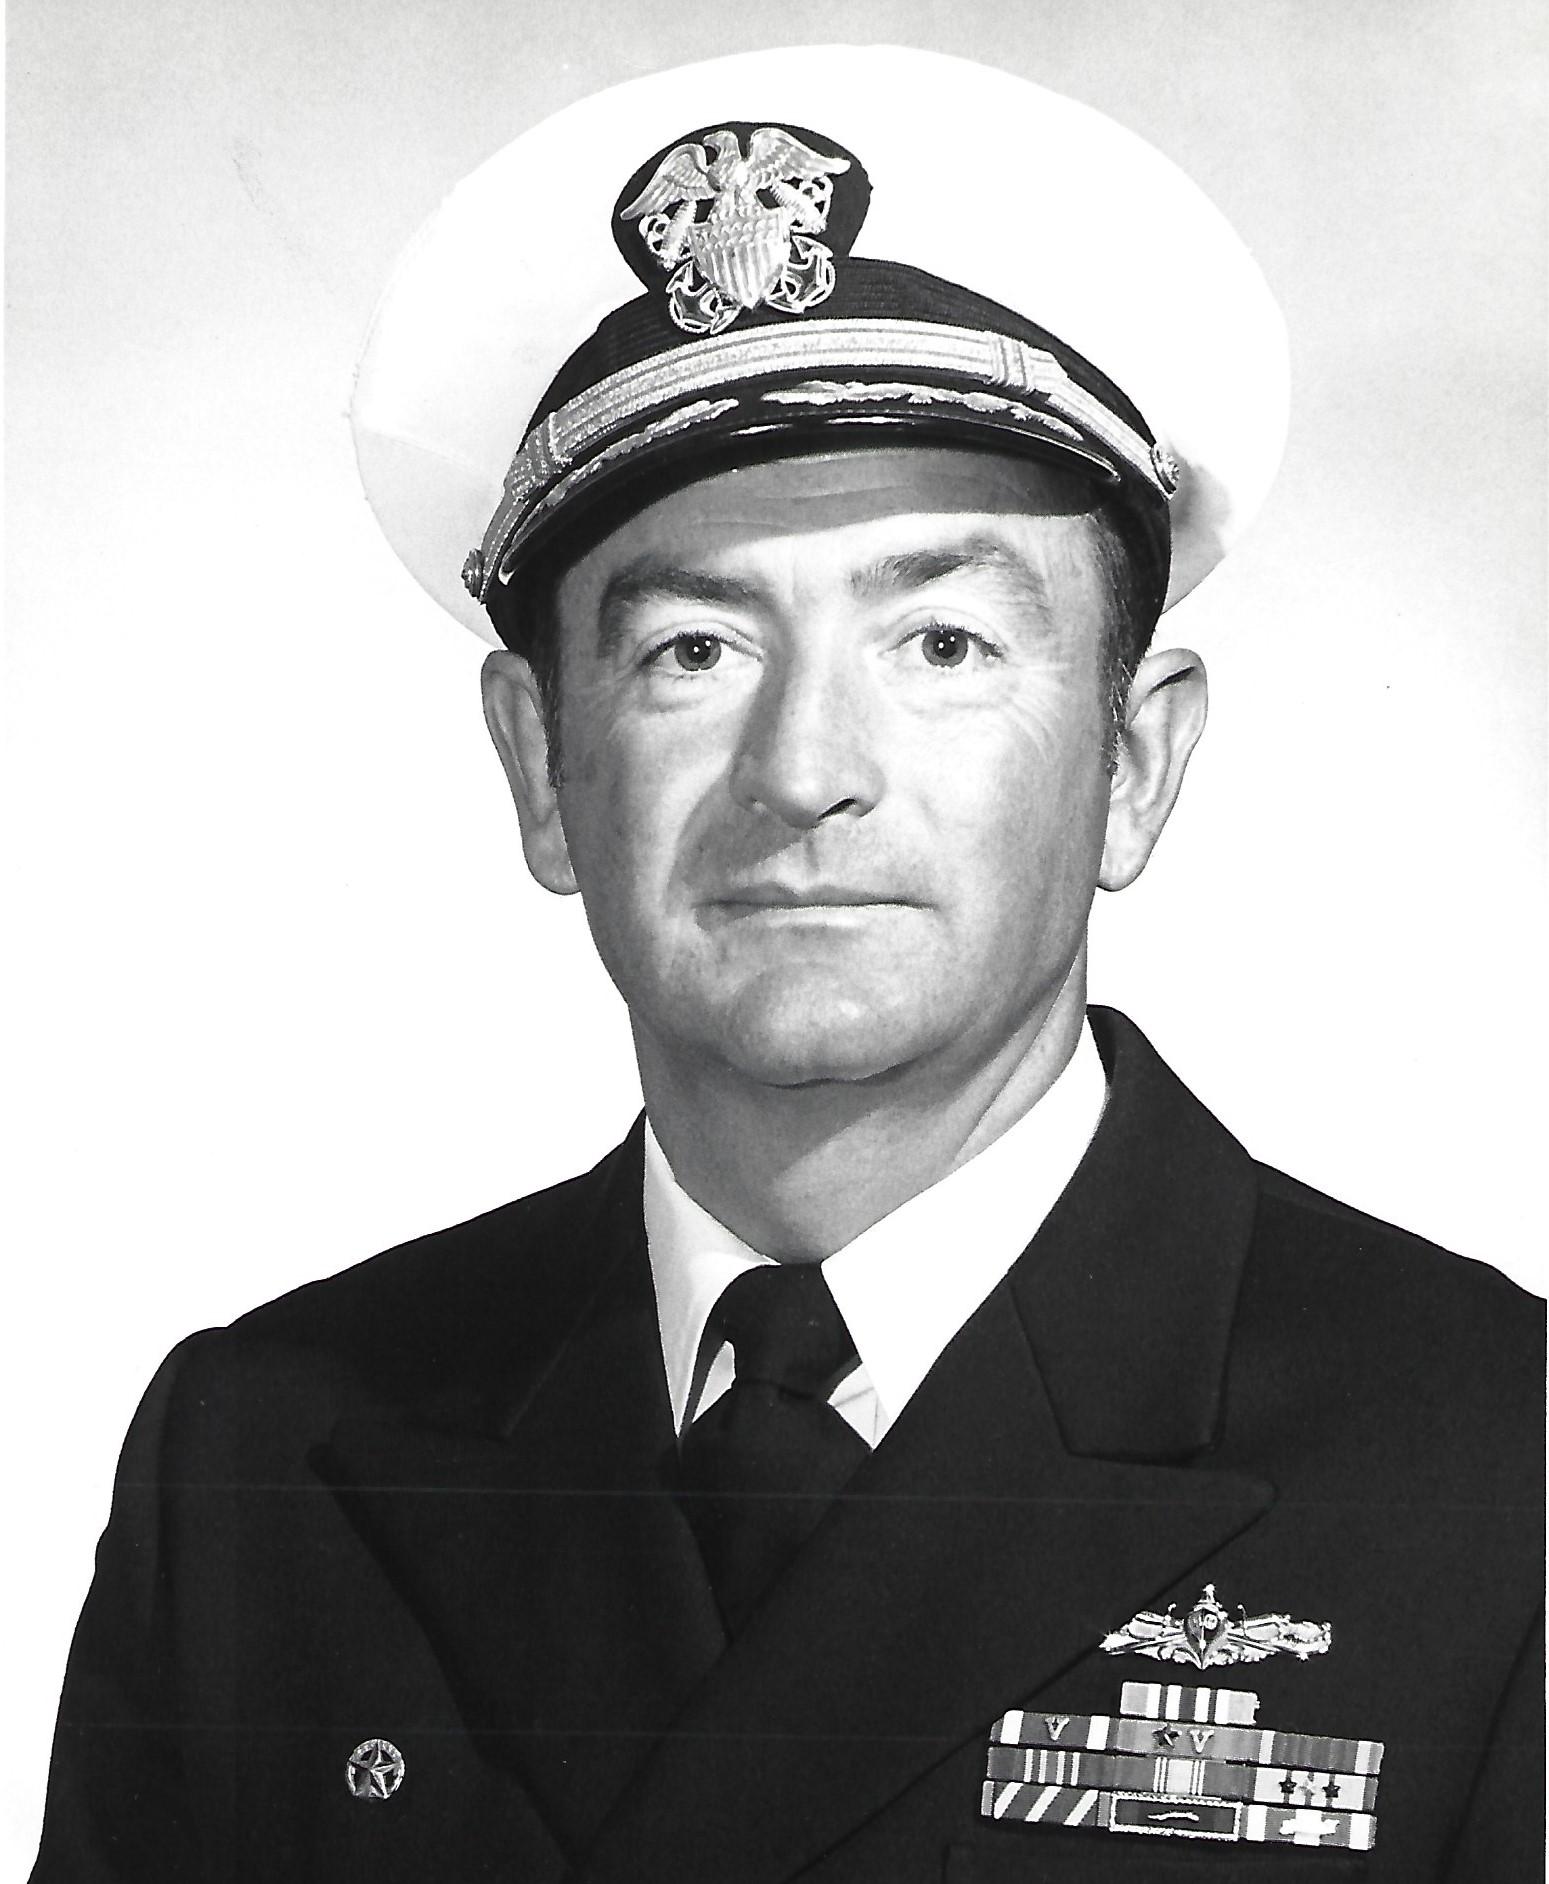 Robert I. Vickers